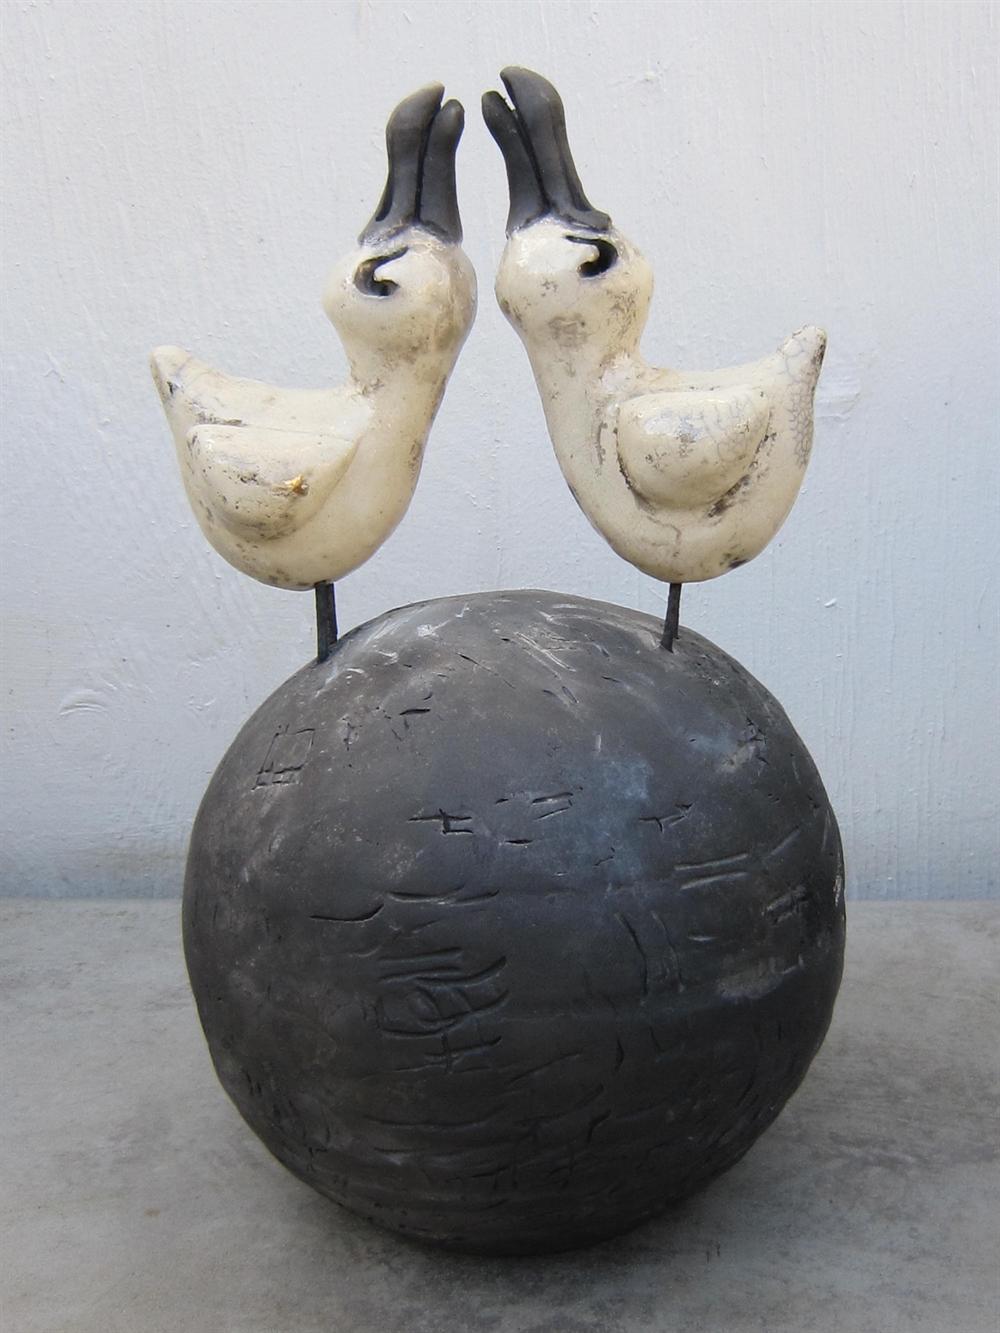 keramik fugle Keramik kugle med 2 fugle af Hanne Munk Kure keramik fugle